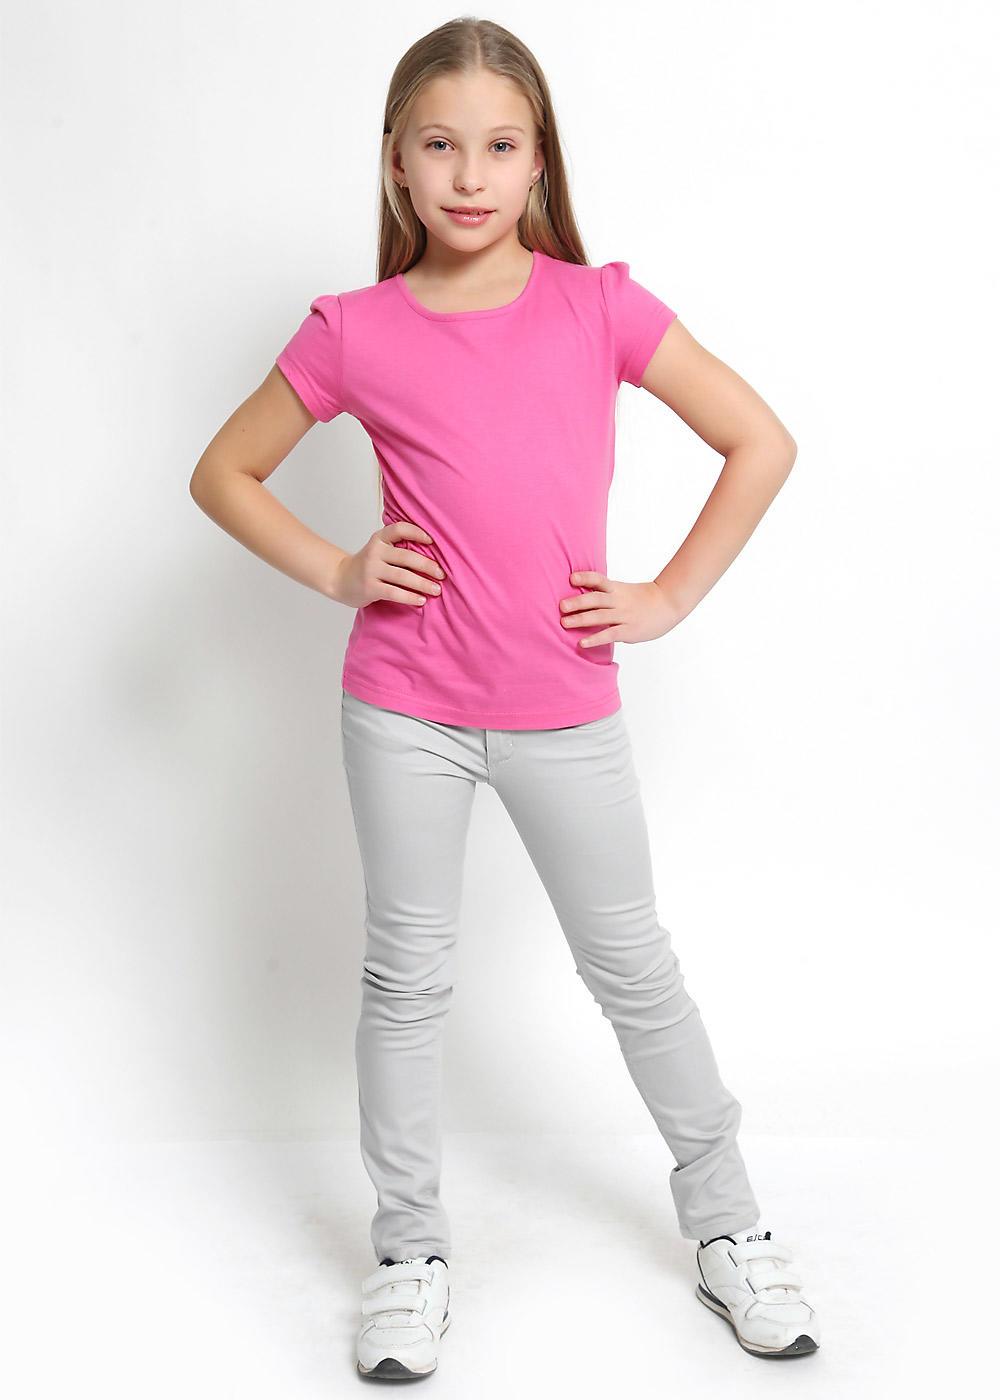 ceab1df77a4 Детская летняя одежда для девочки в Интернет-магазине! Готовимся к лету!